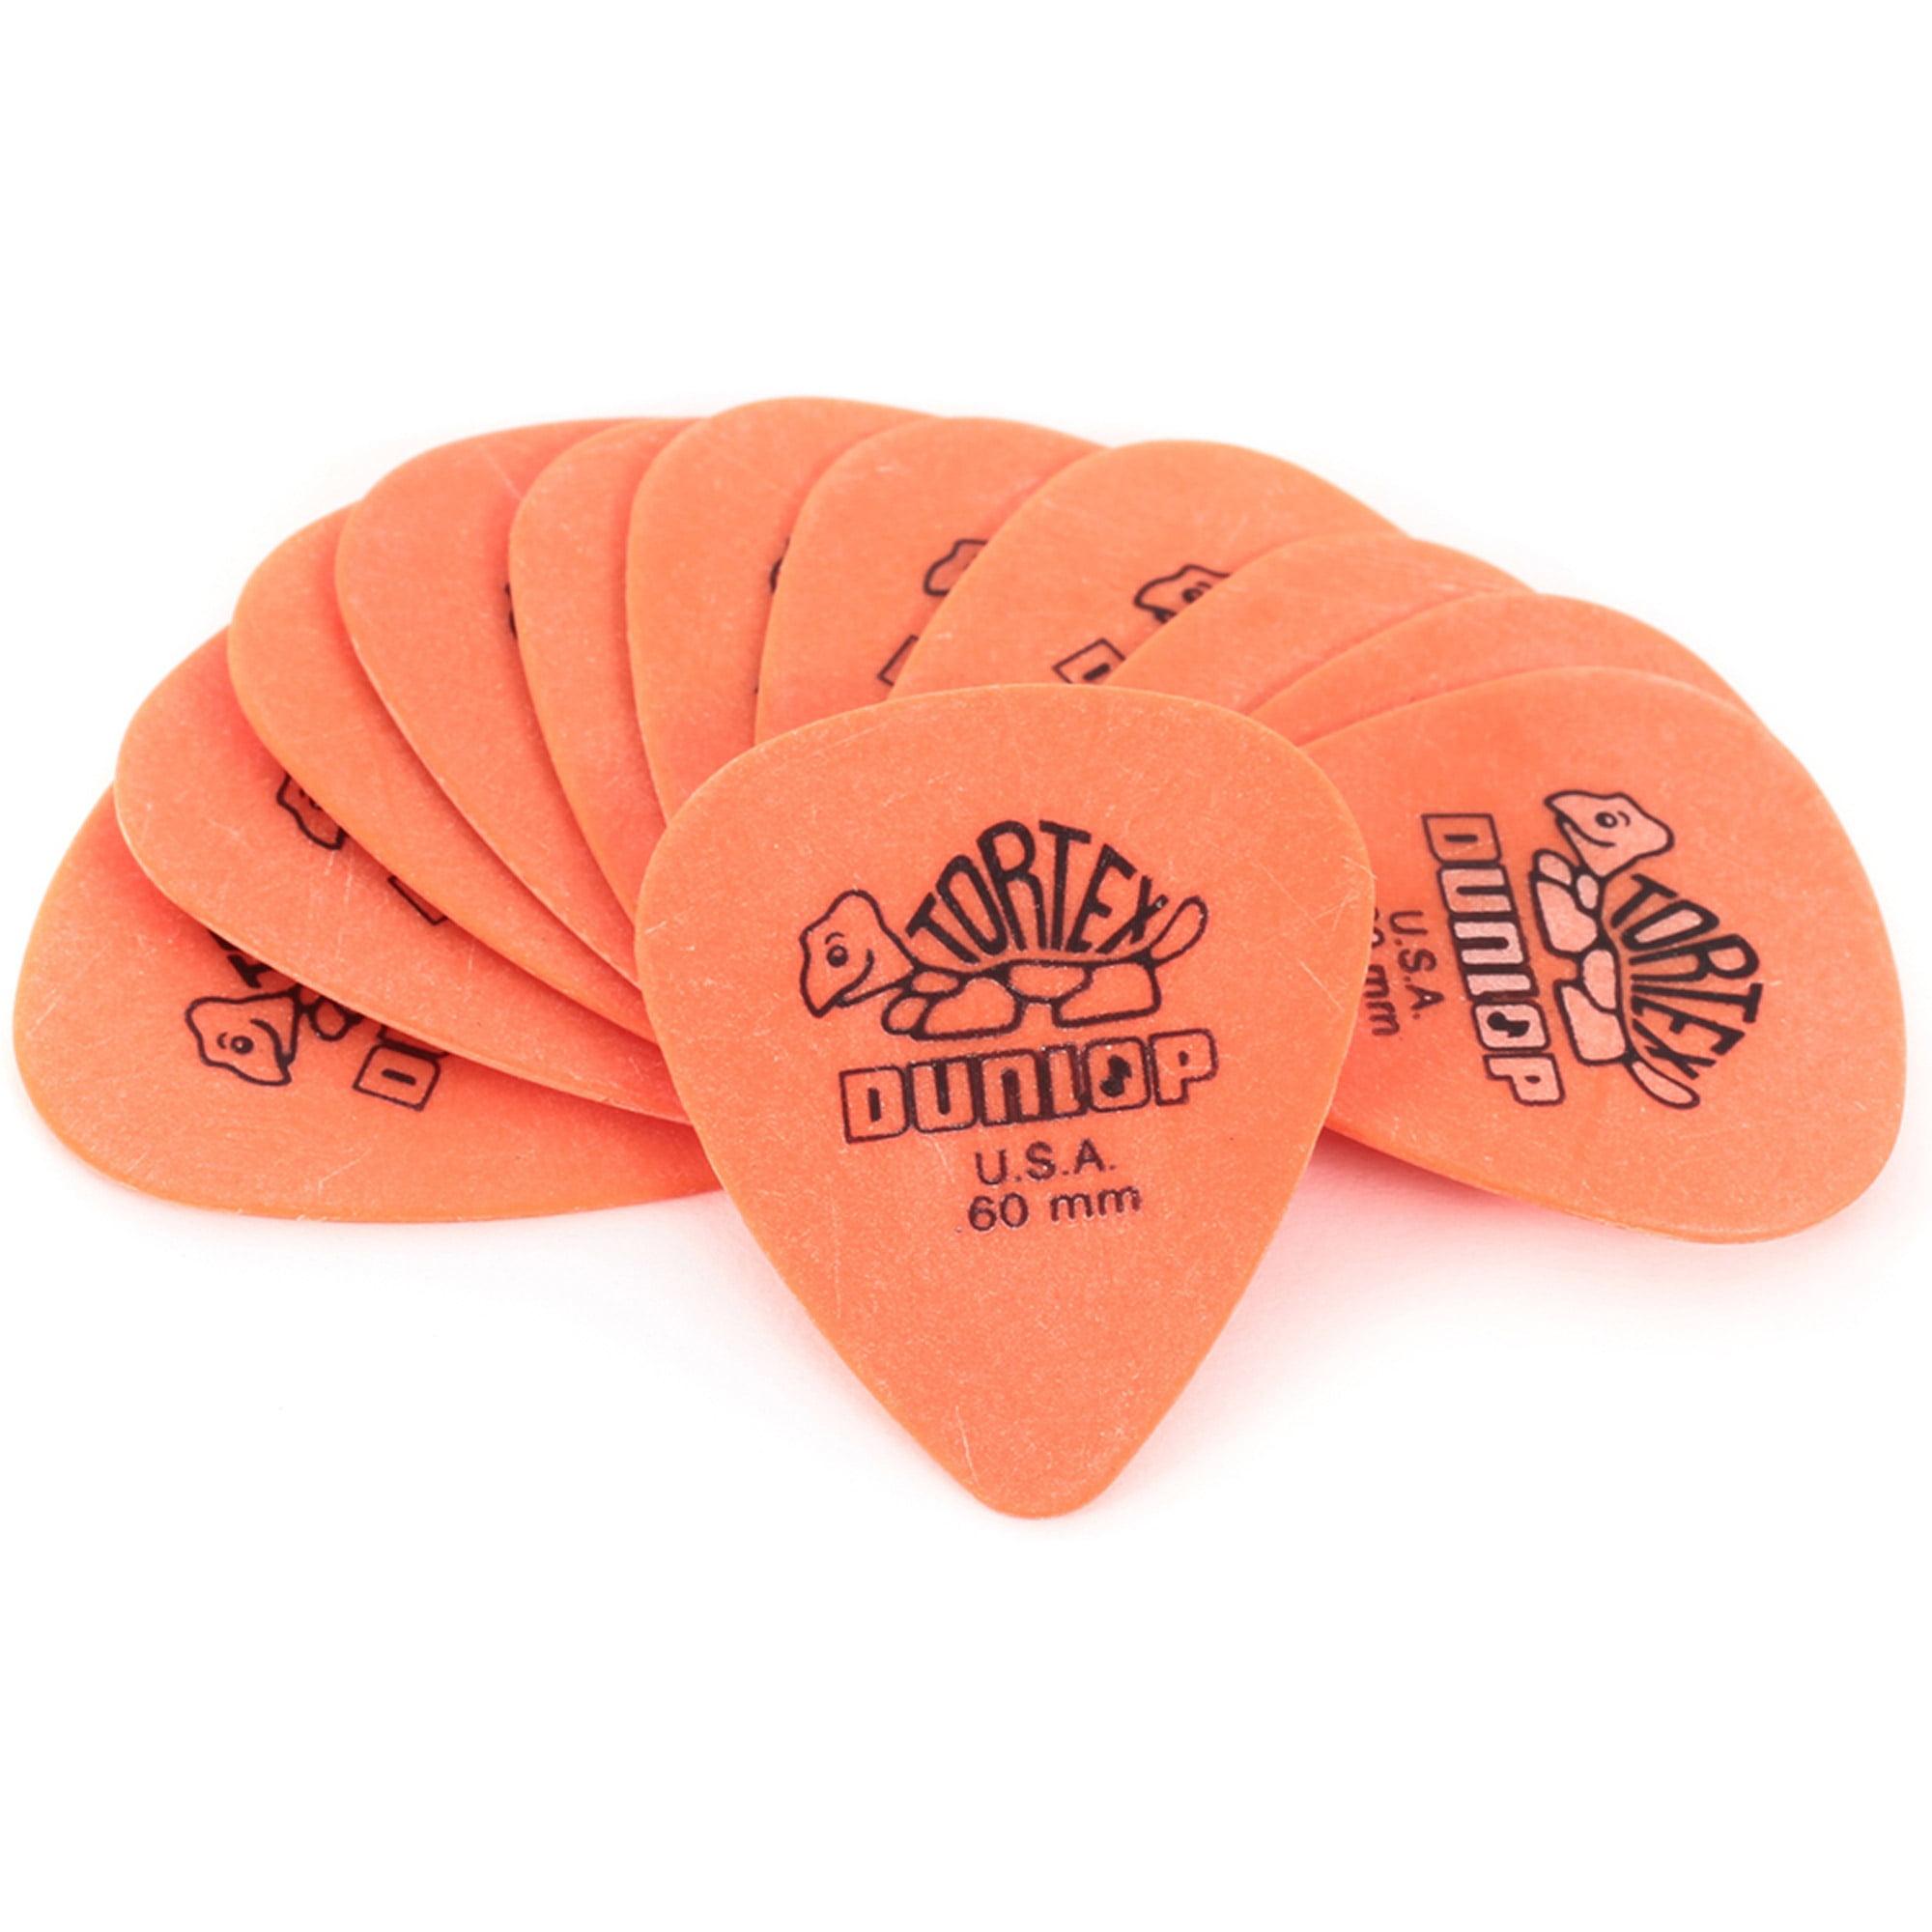 Dunlop Tortex Standard Guitar Picks, 12-Pack, .60mm, Orange by Dunlop